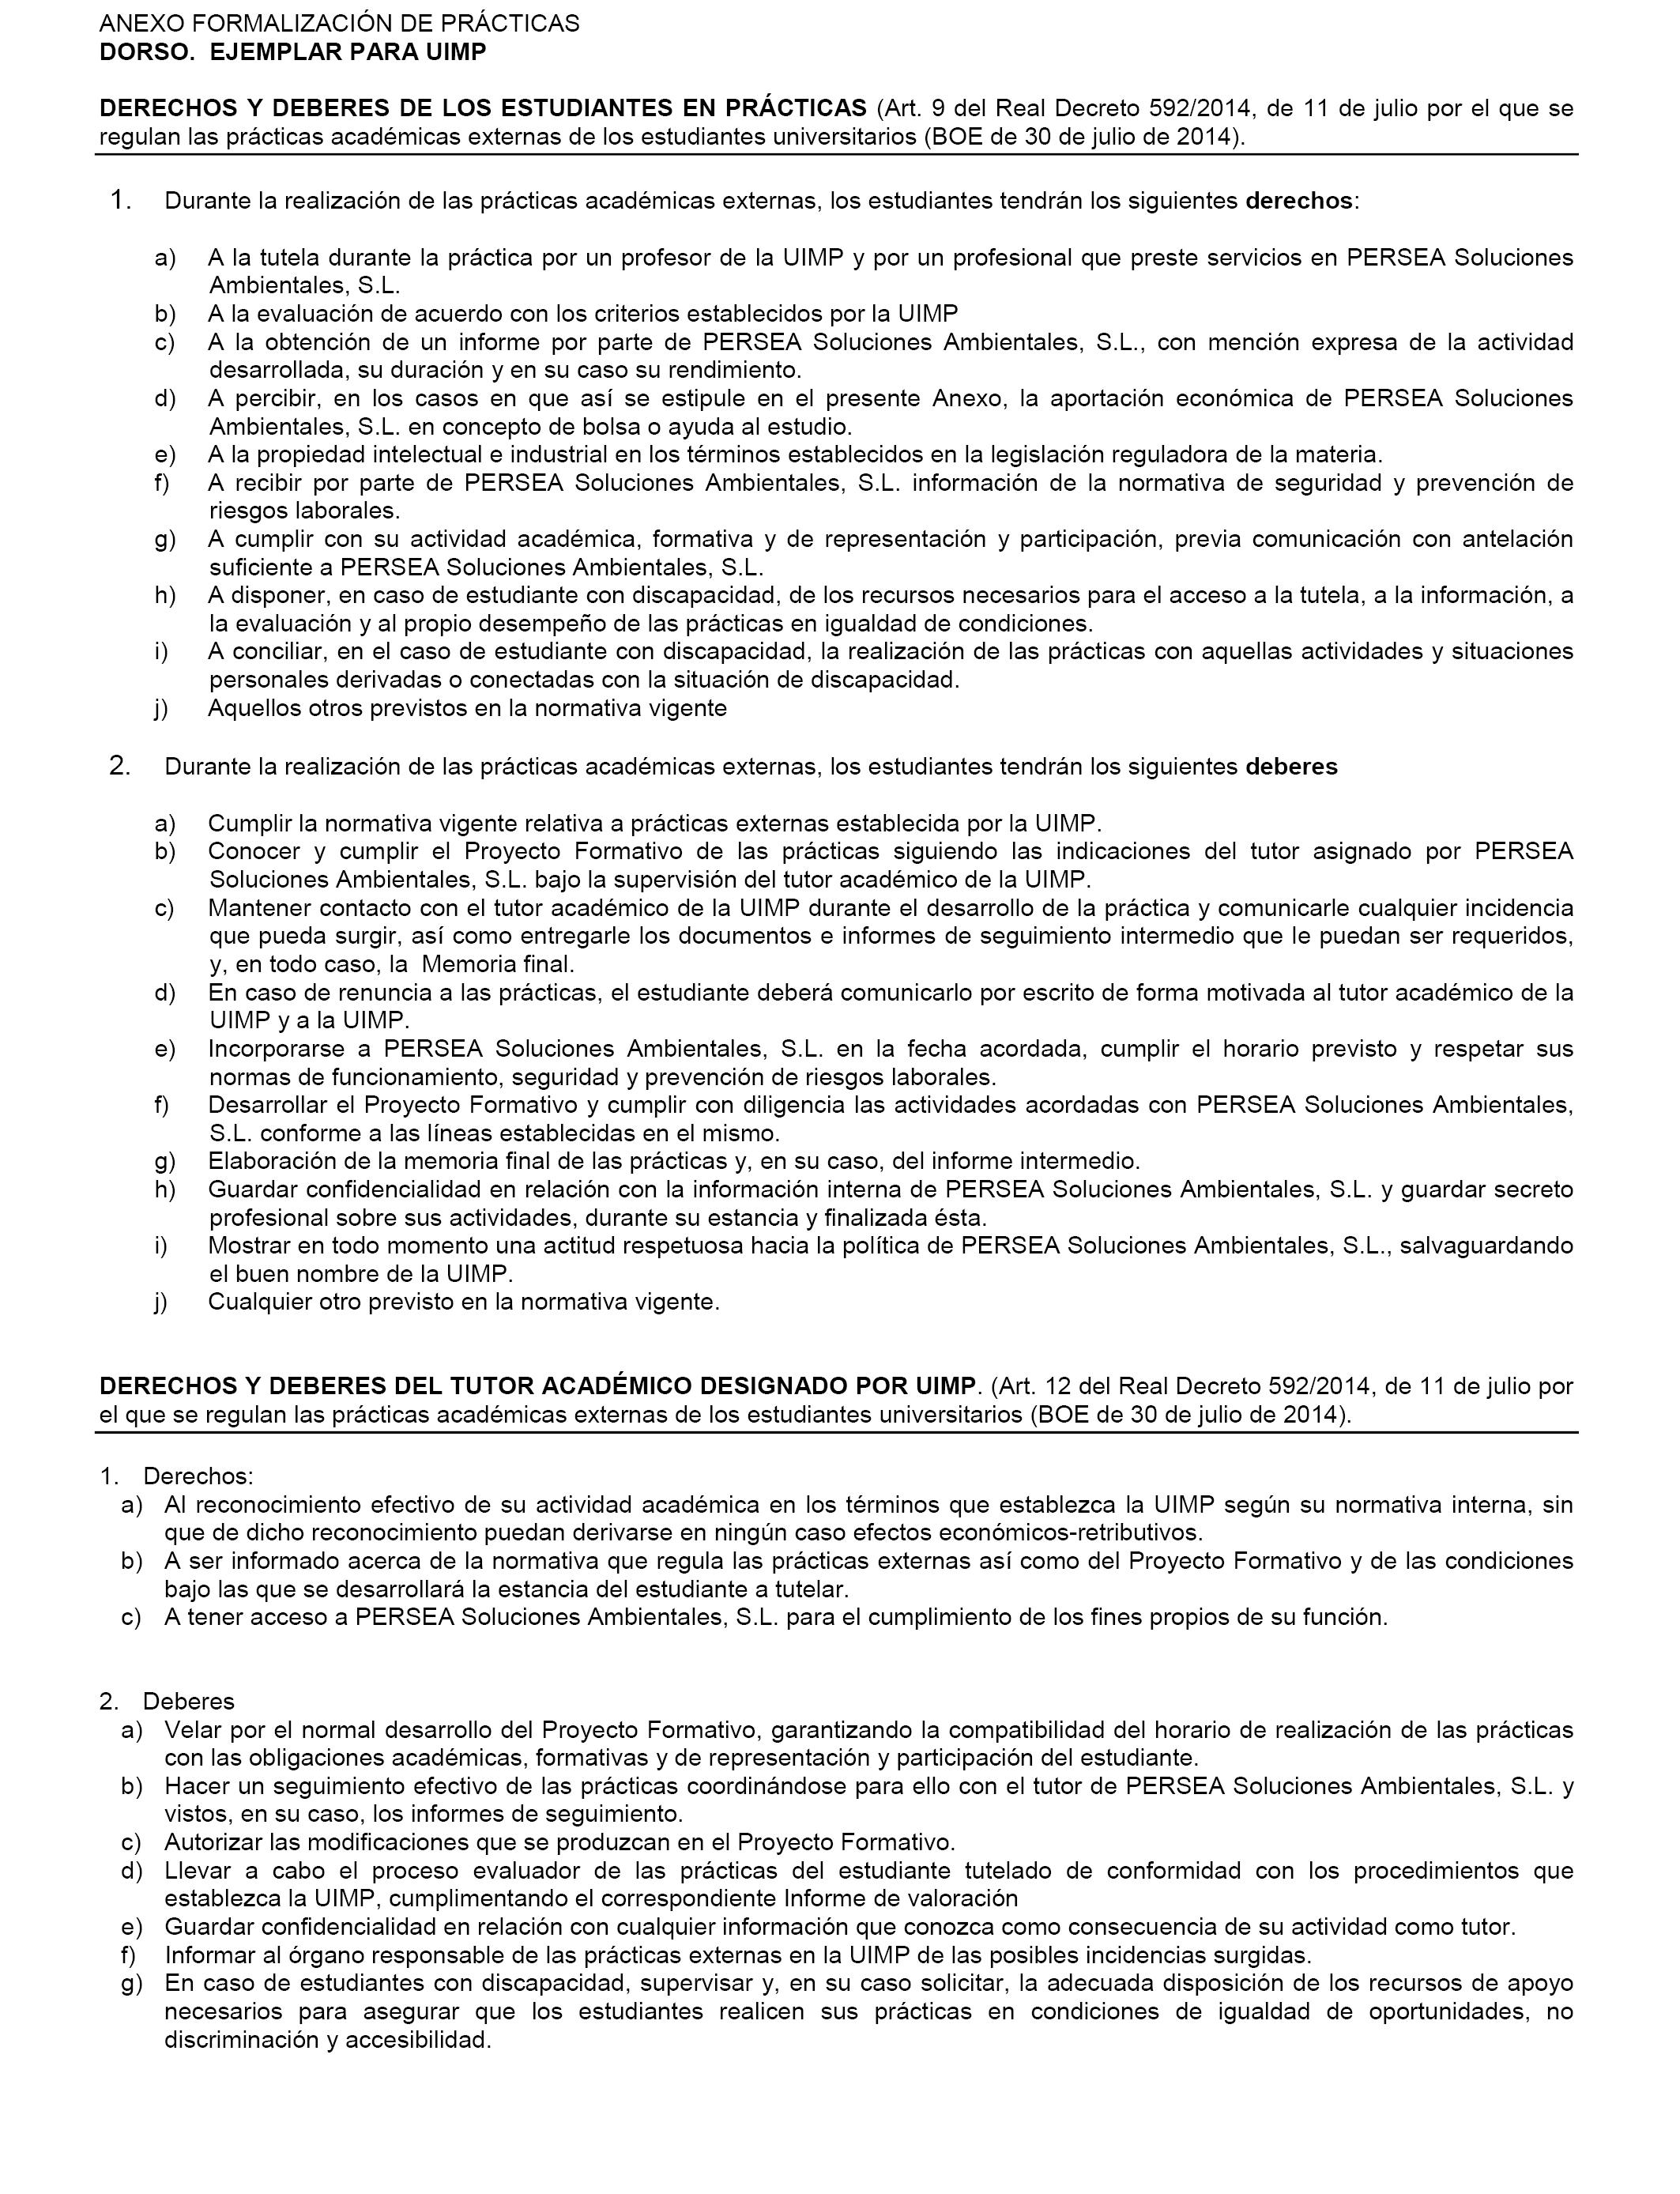 Dorable Reanudar Estudiante Universitario Que Busca Prácticas Viñeta ...